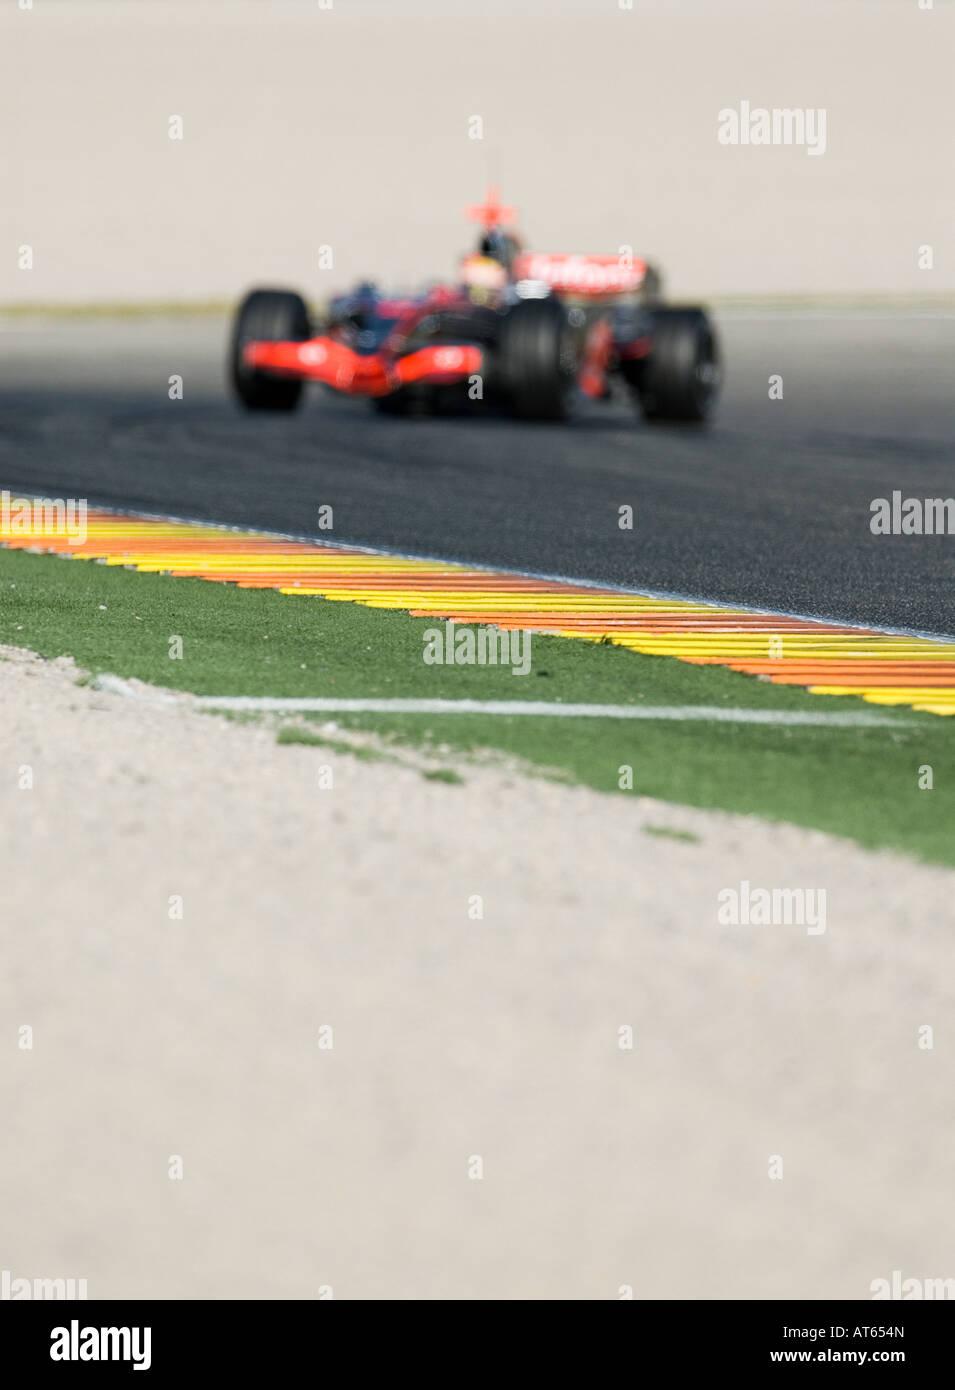 McLaren Formel1 Rennwagen rast durch Kurve der Rennstrecke vorsätzliche OUT OF FOCUS Stockbild